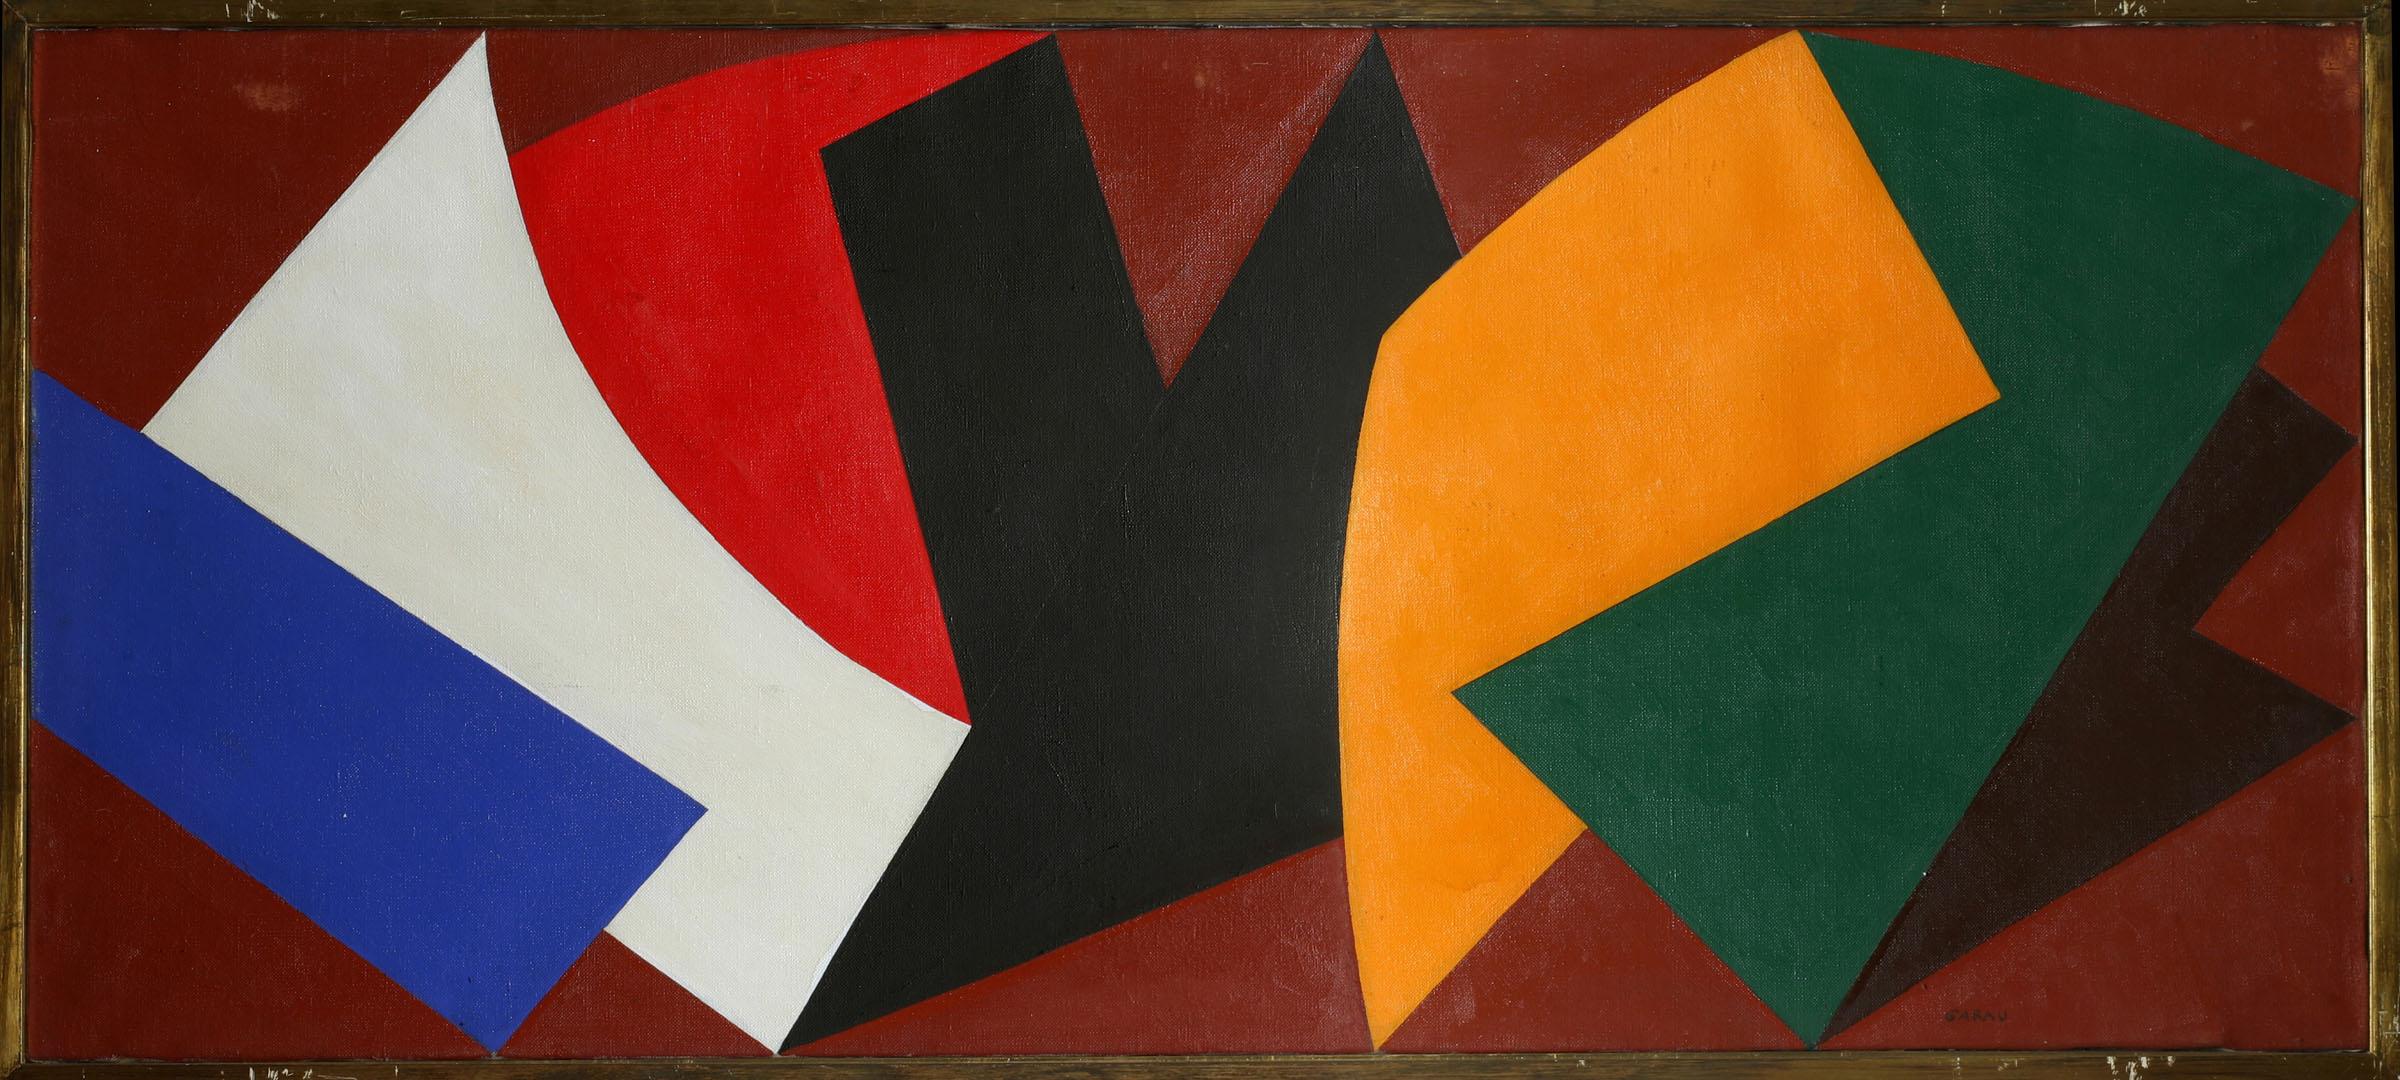 A. Garau, Composizione, 1952